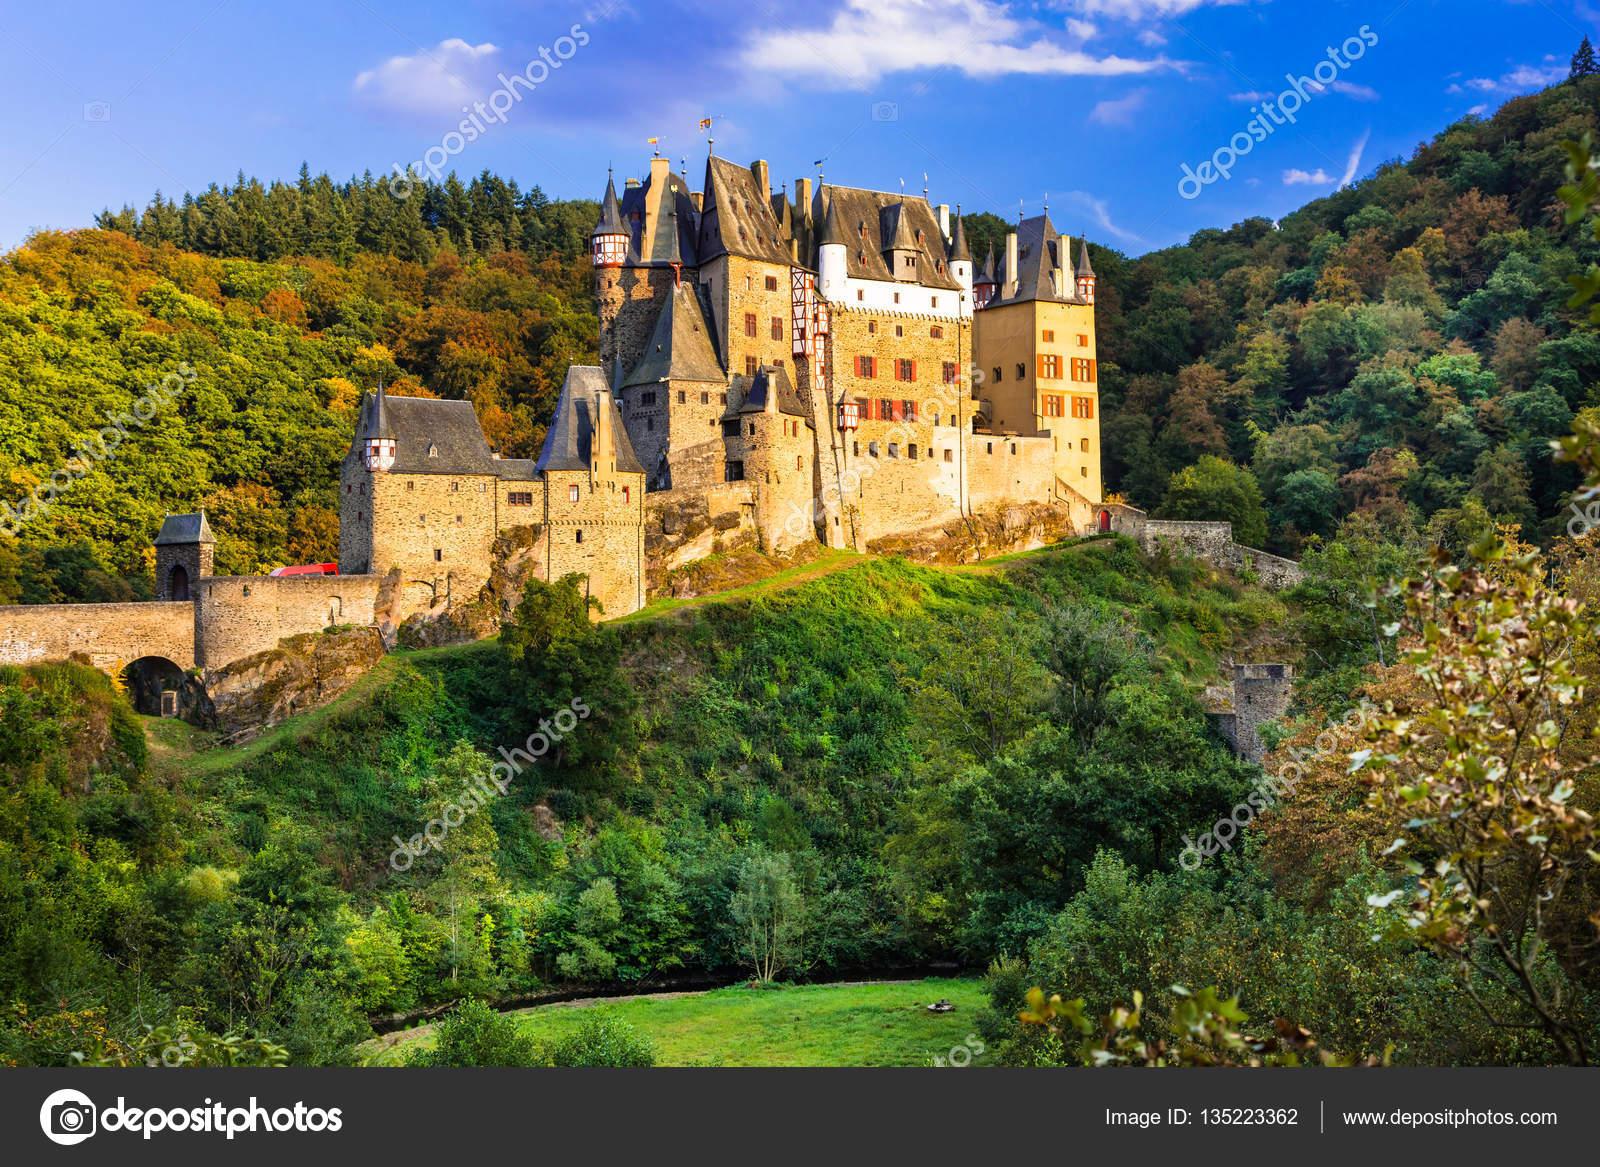 Burg Eltz - um dos mais belos castelos medievais da Europa